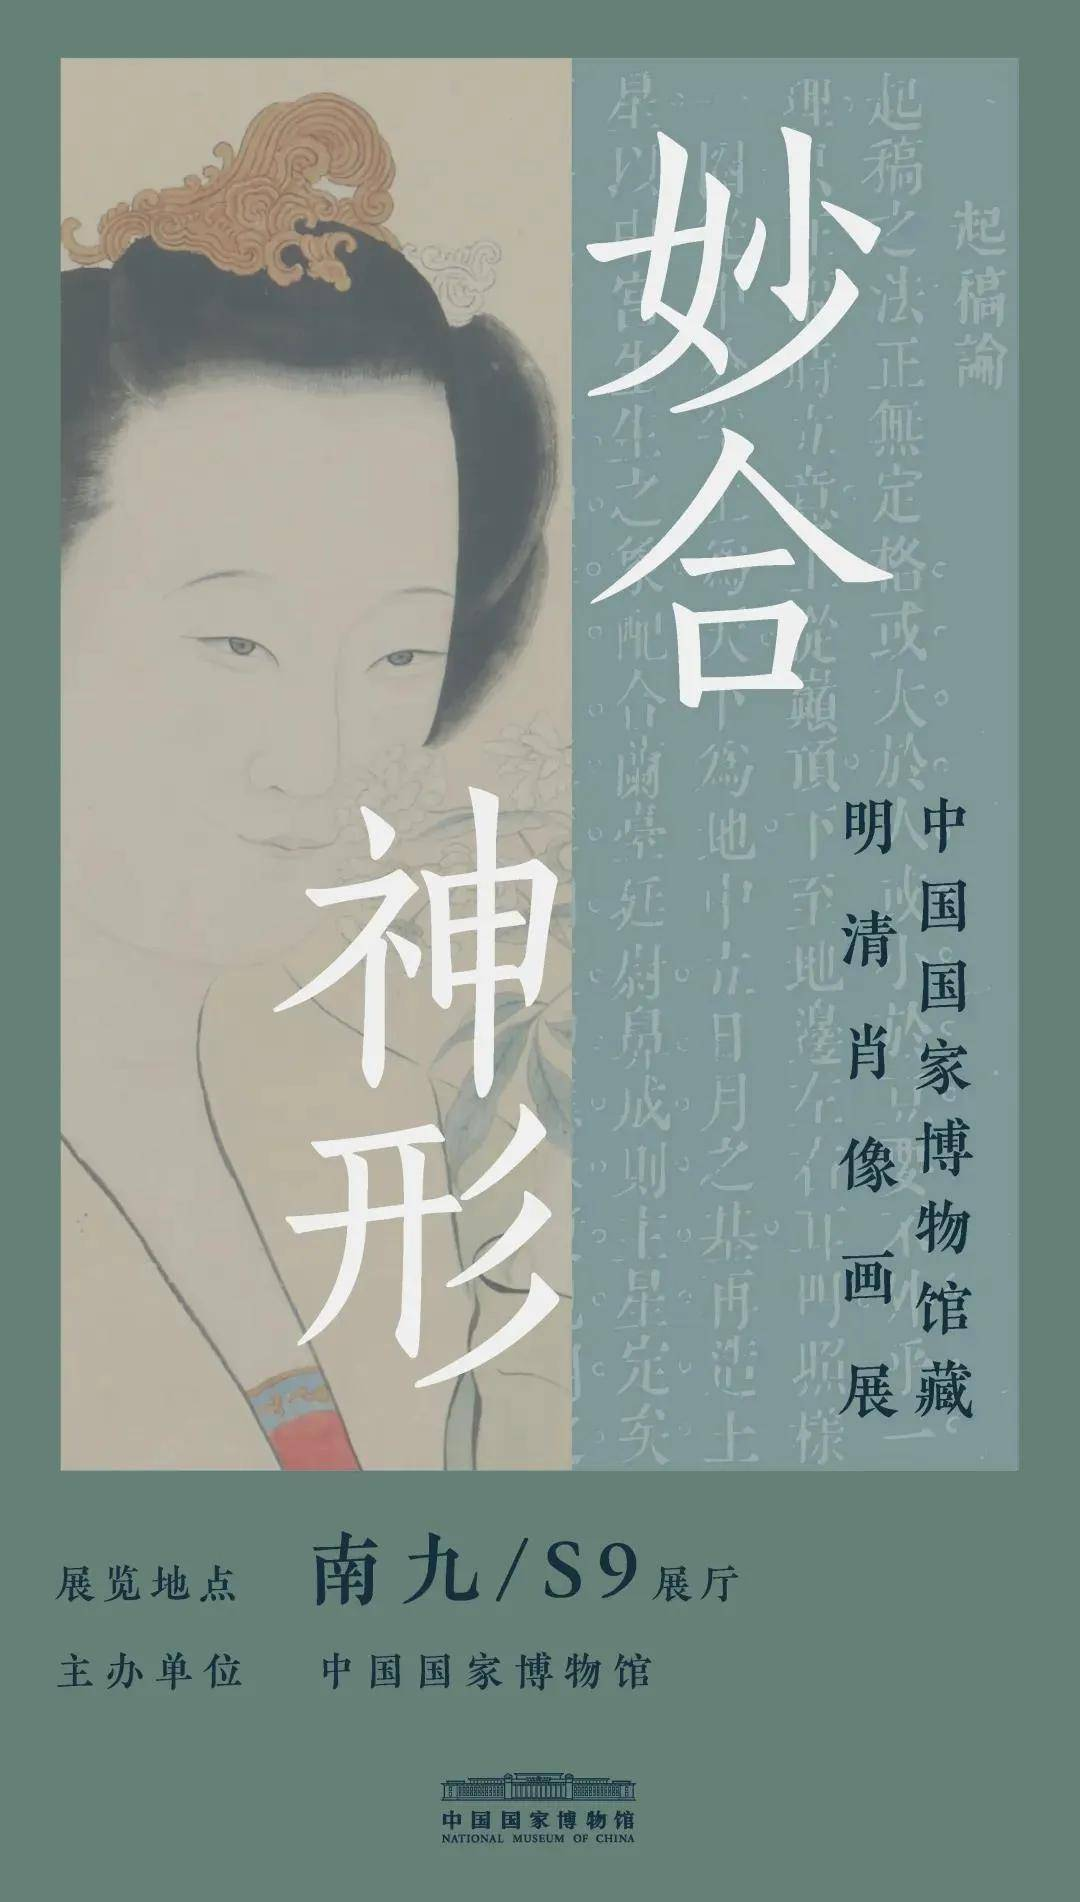 明清肖像、潮州木雕、山东民艺,七月的国博上新啦!内有惊喜!